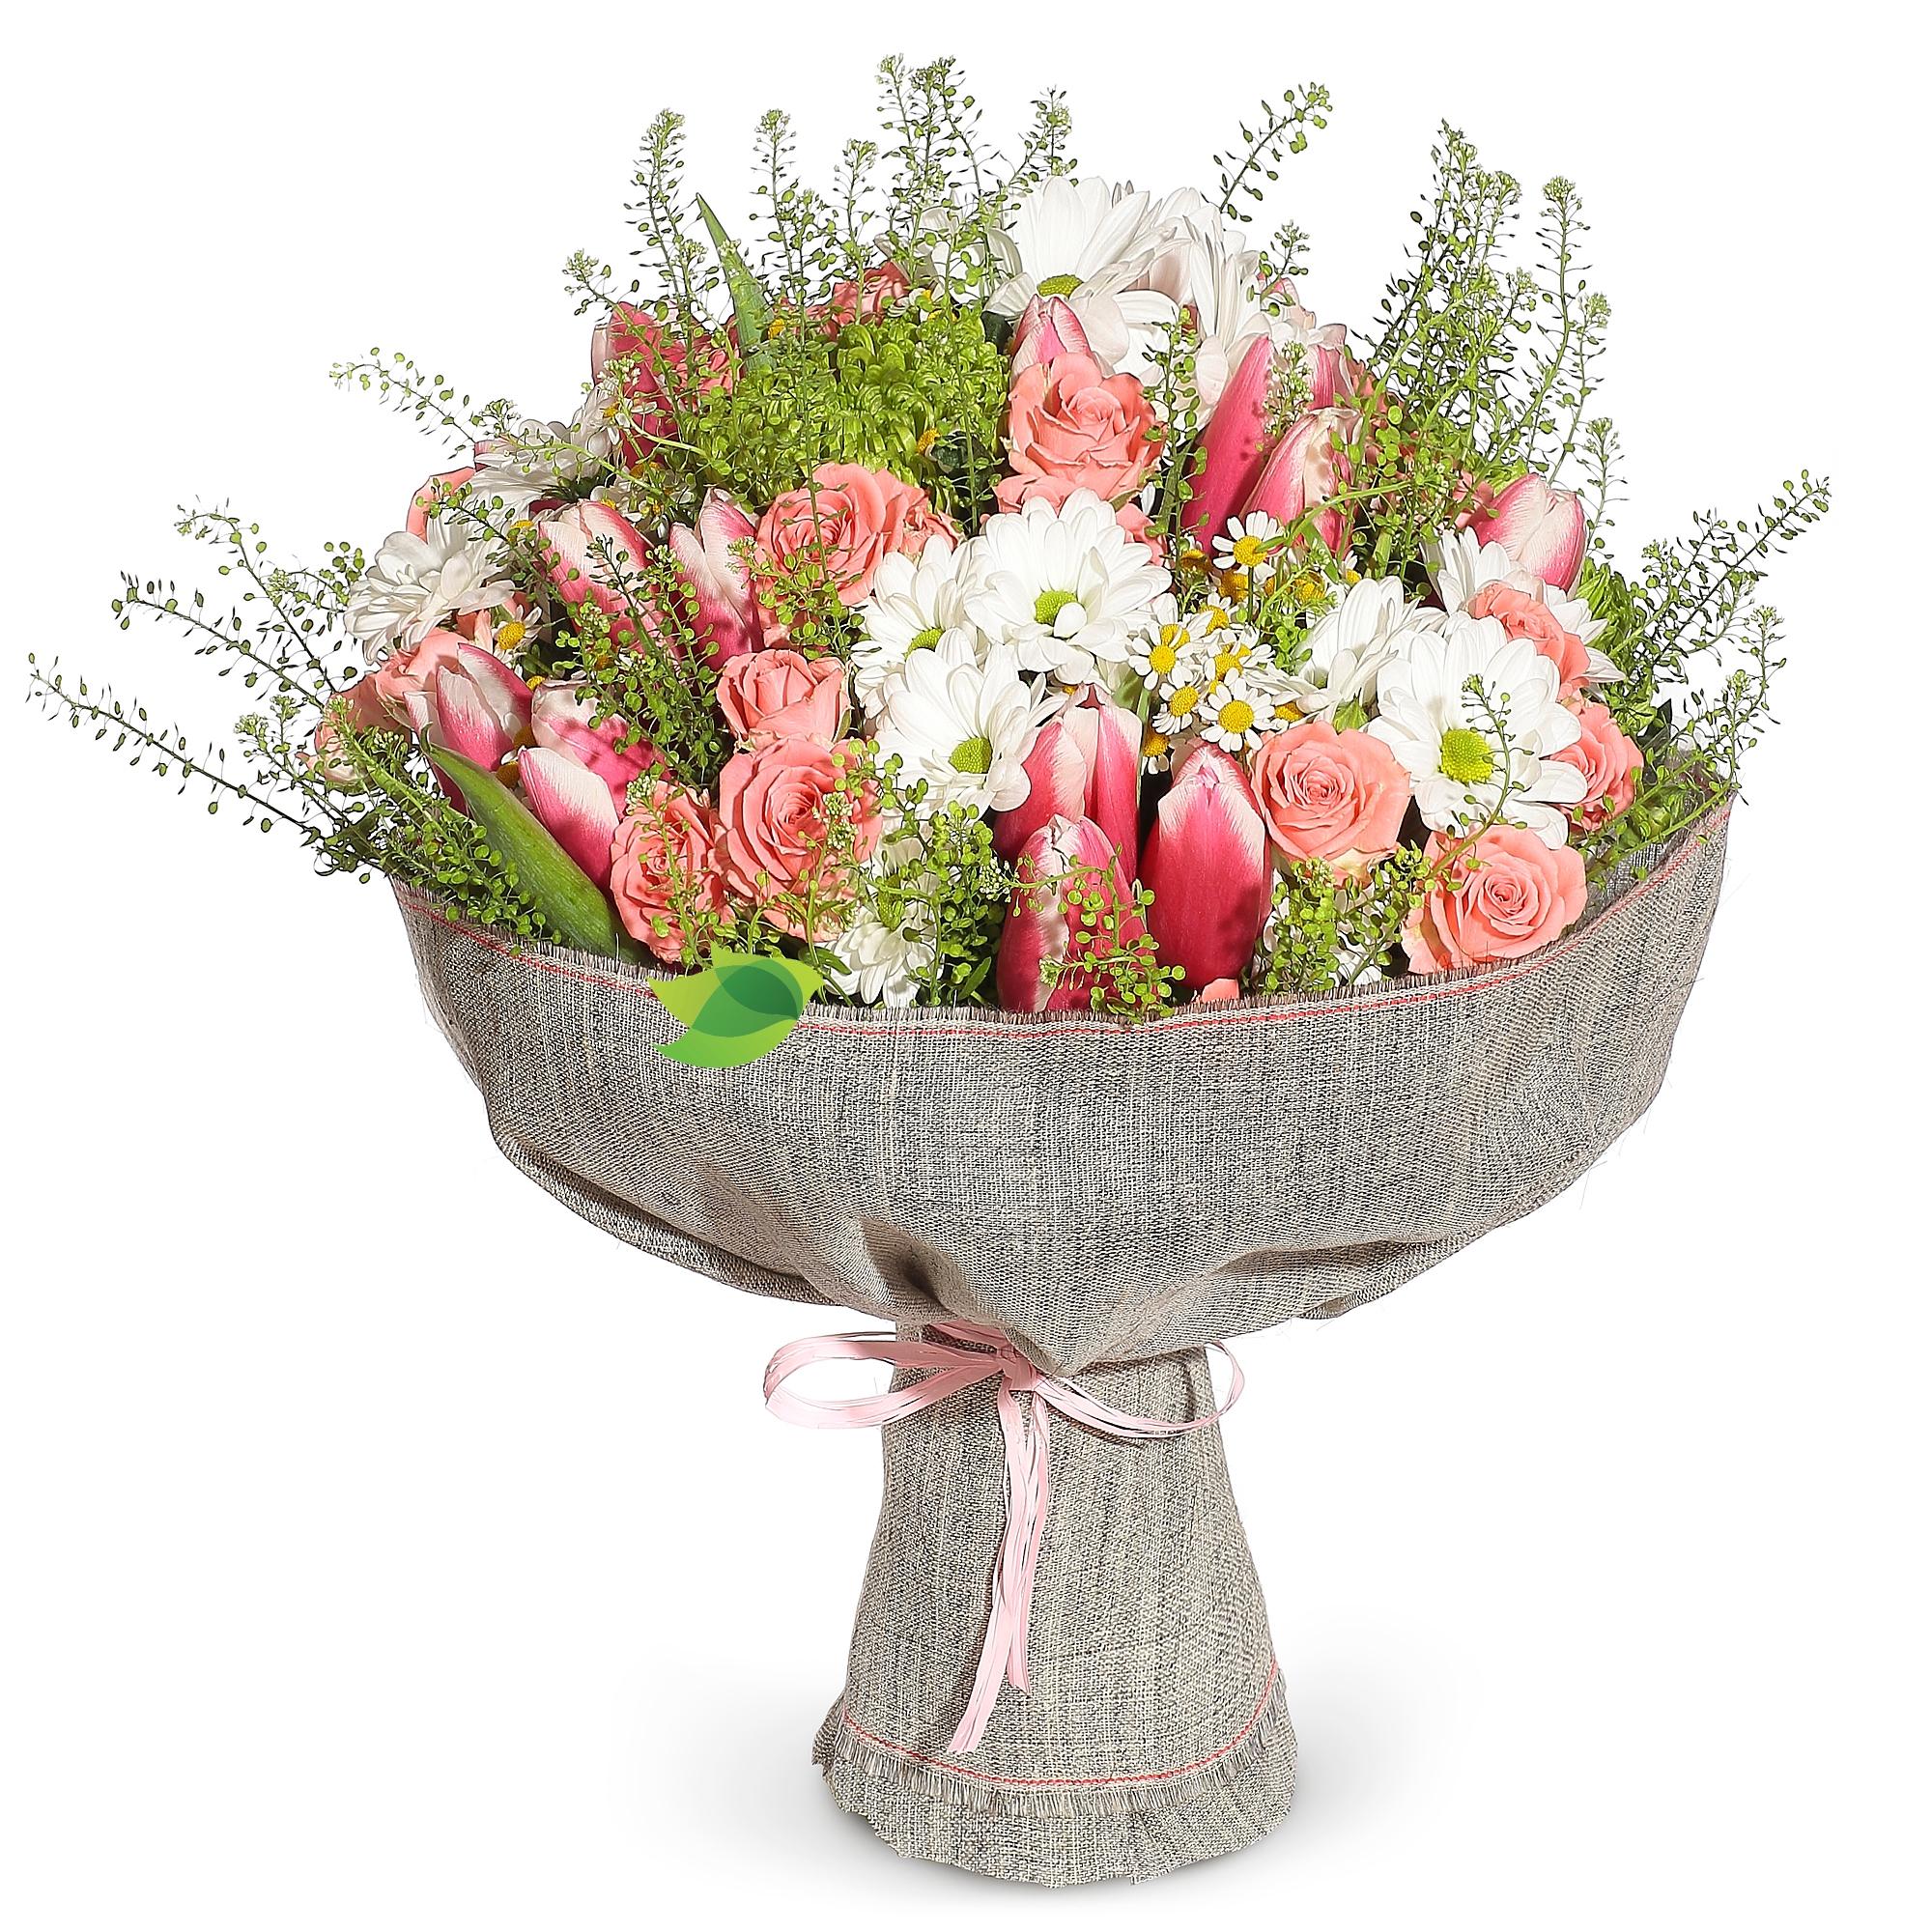 Фото букета: Тюльпаны и хризантемы